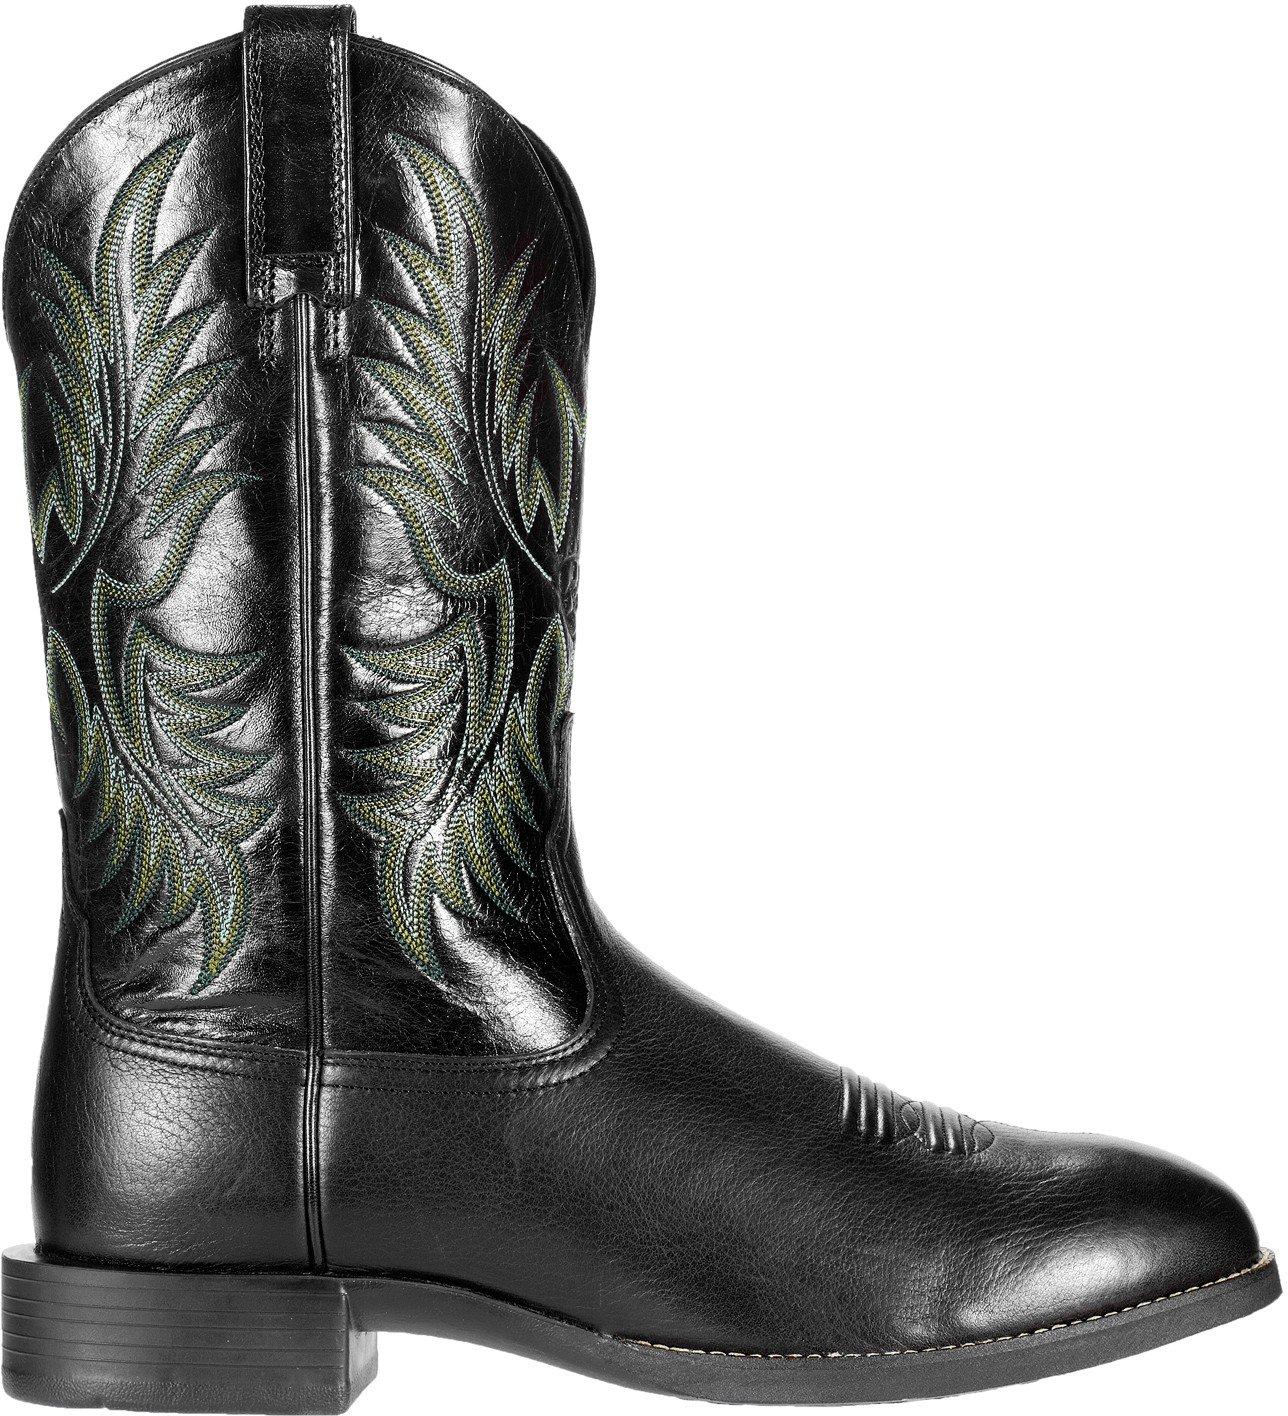 2e94f3eec69 Ariat Men's Heritage Stockman Western Boots